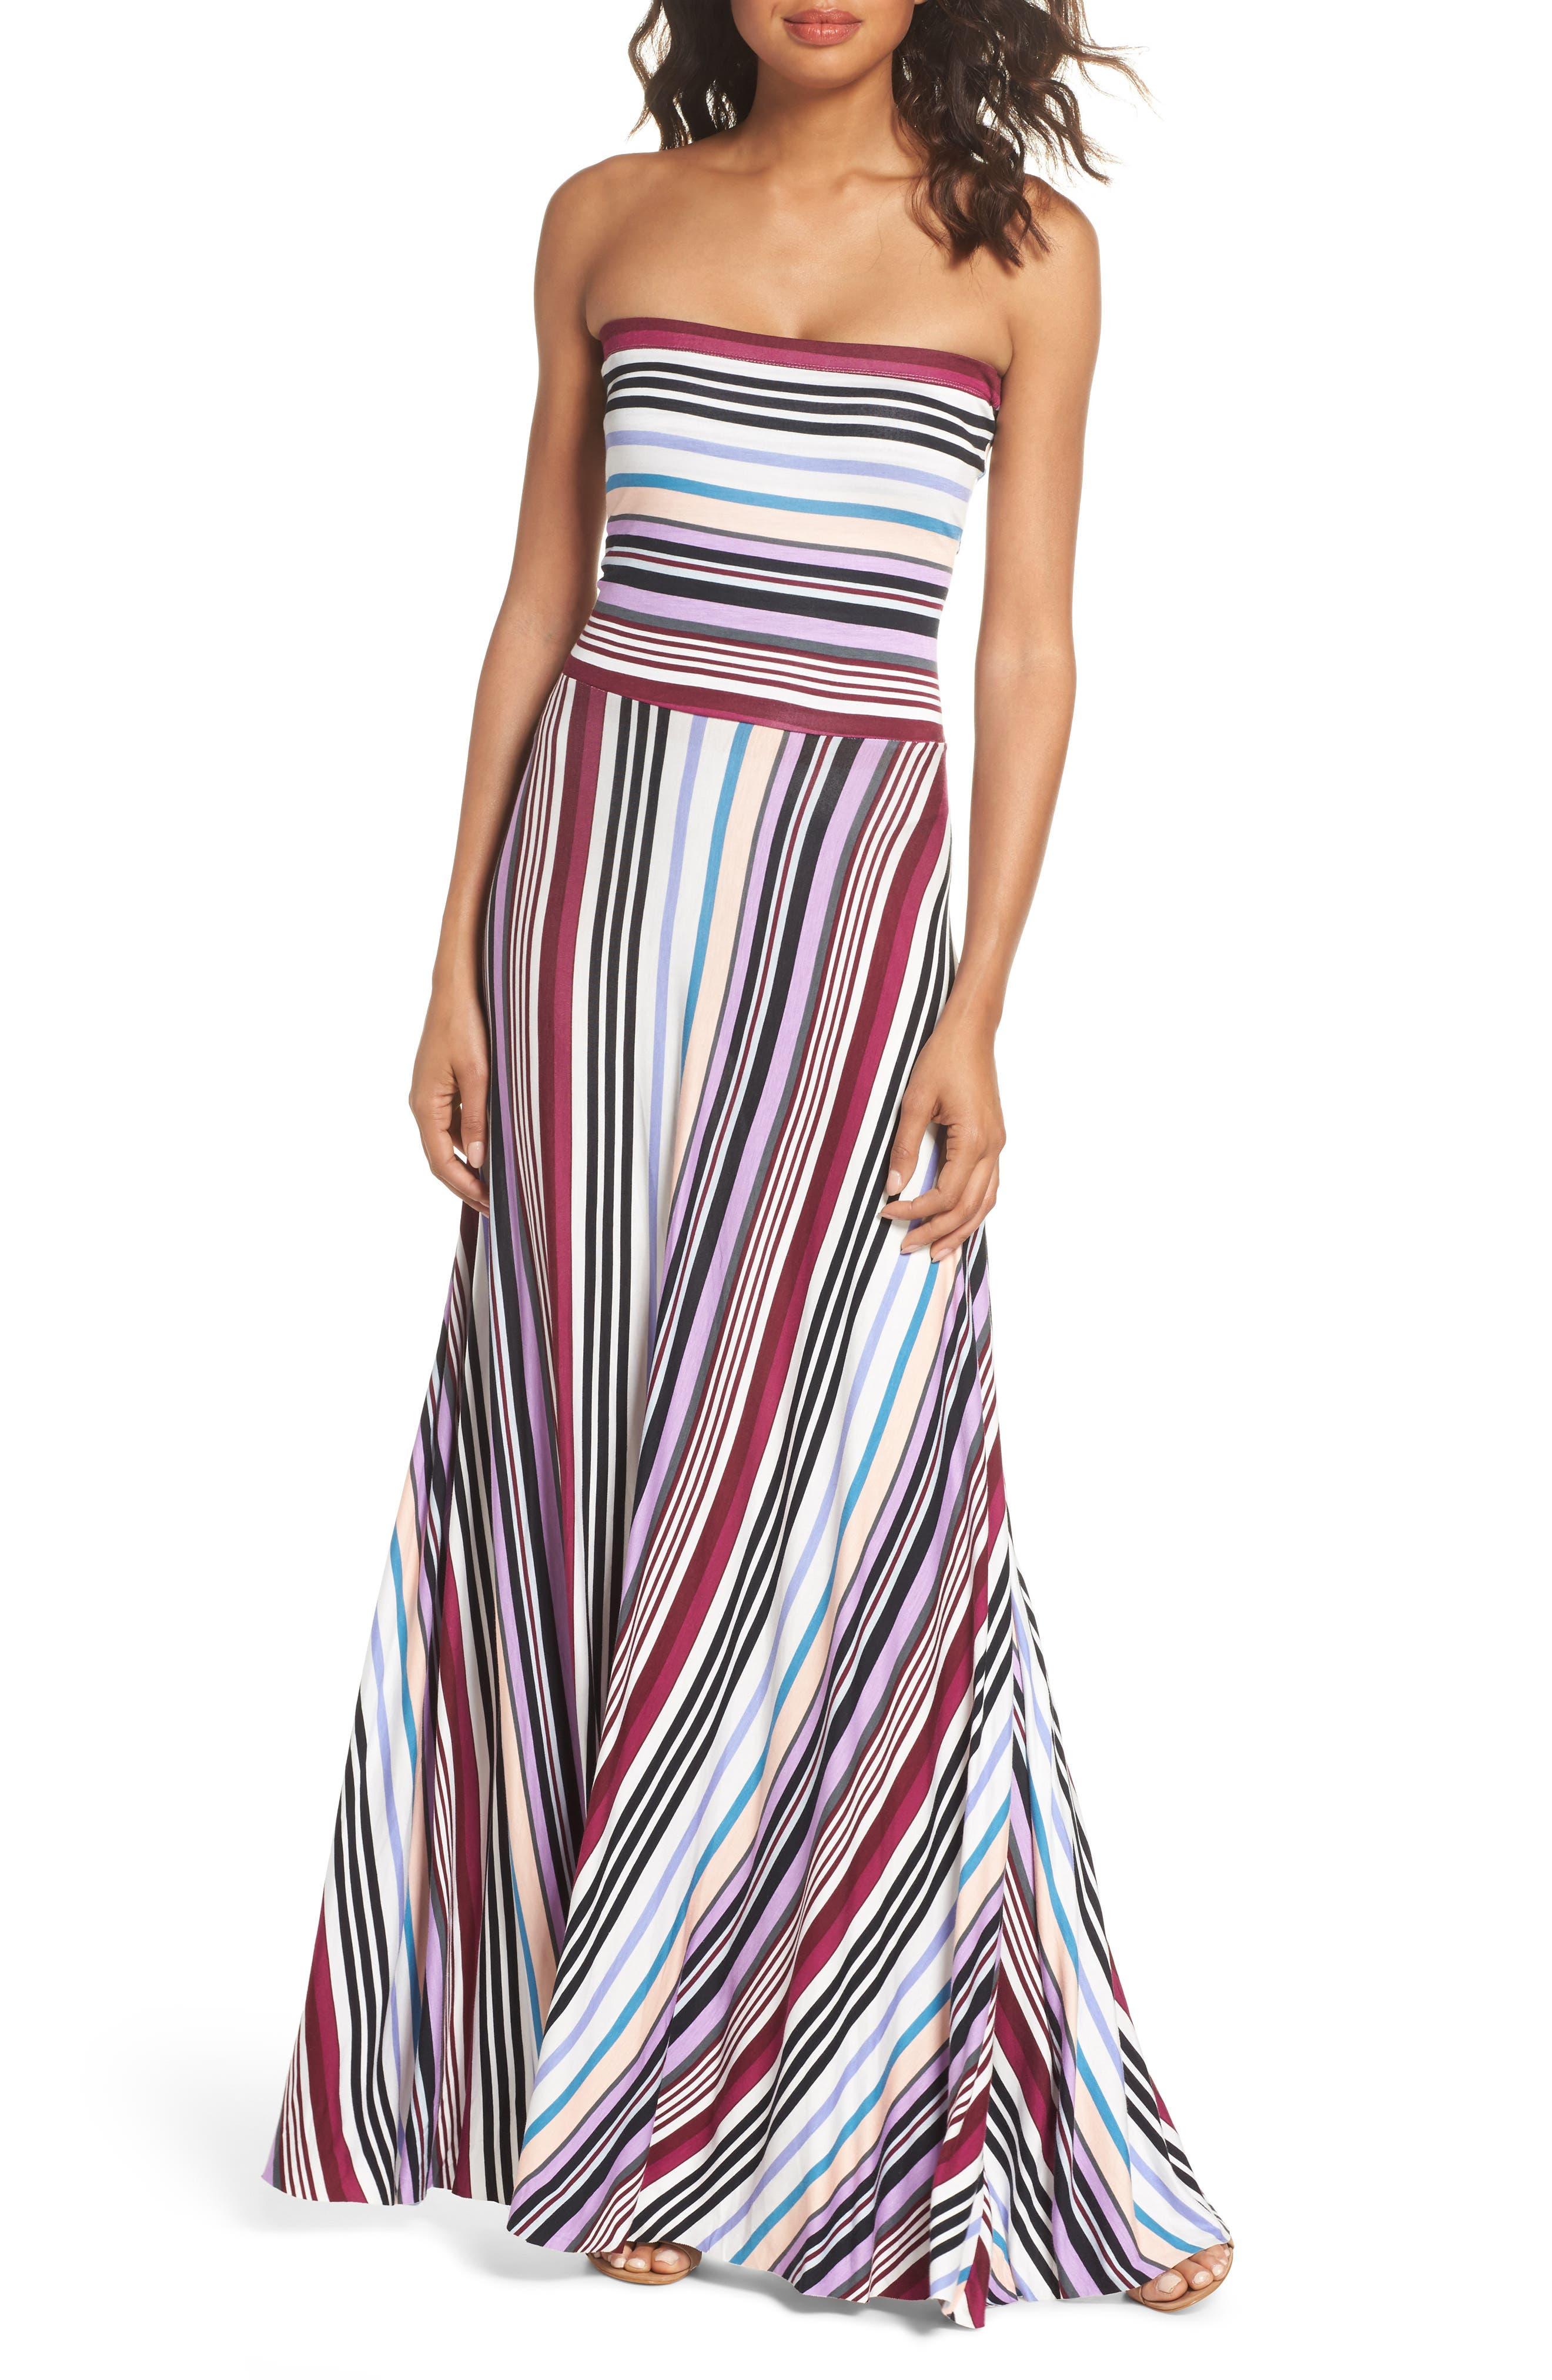 Clemette Strapless Maxi Dress,                             Main thumbnail 1, color,                             500